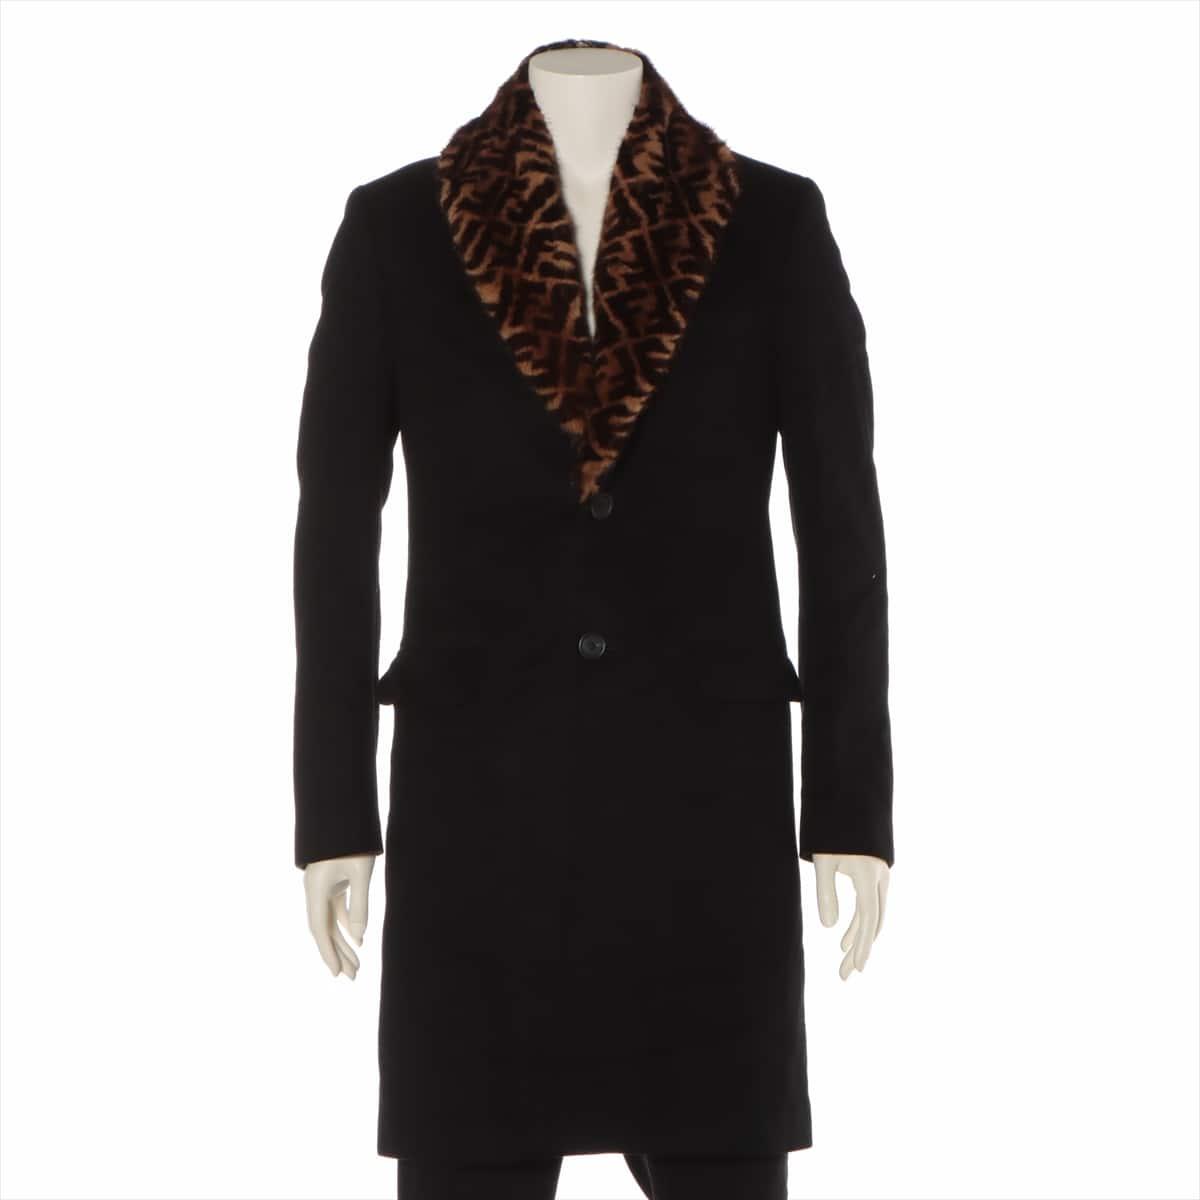 中古 フェンディ ズッカ 19年 カシミヤ 大放出セール コート 低廉 46 ブラック ミンクファー メンズ